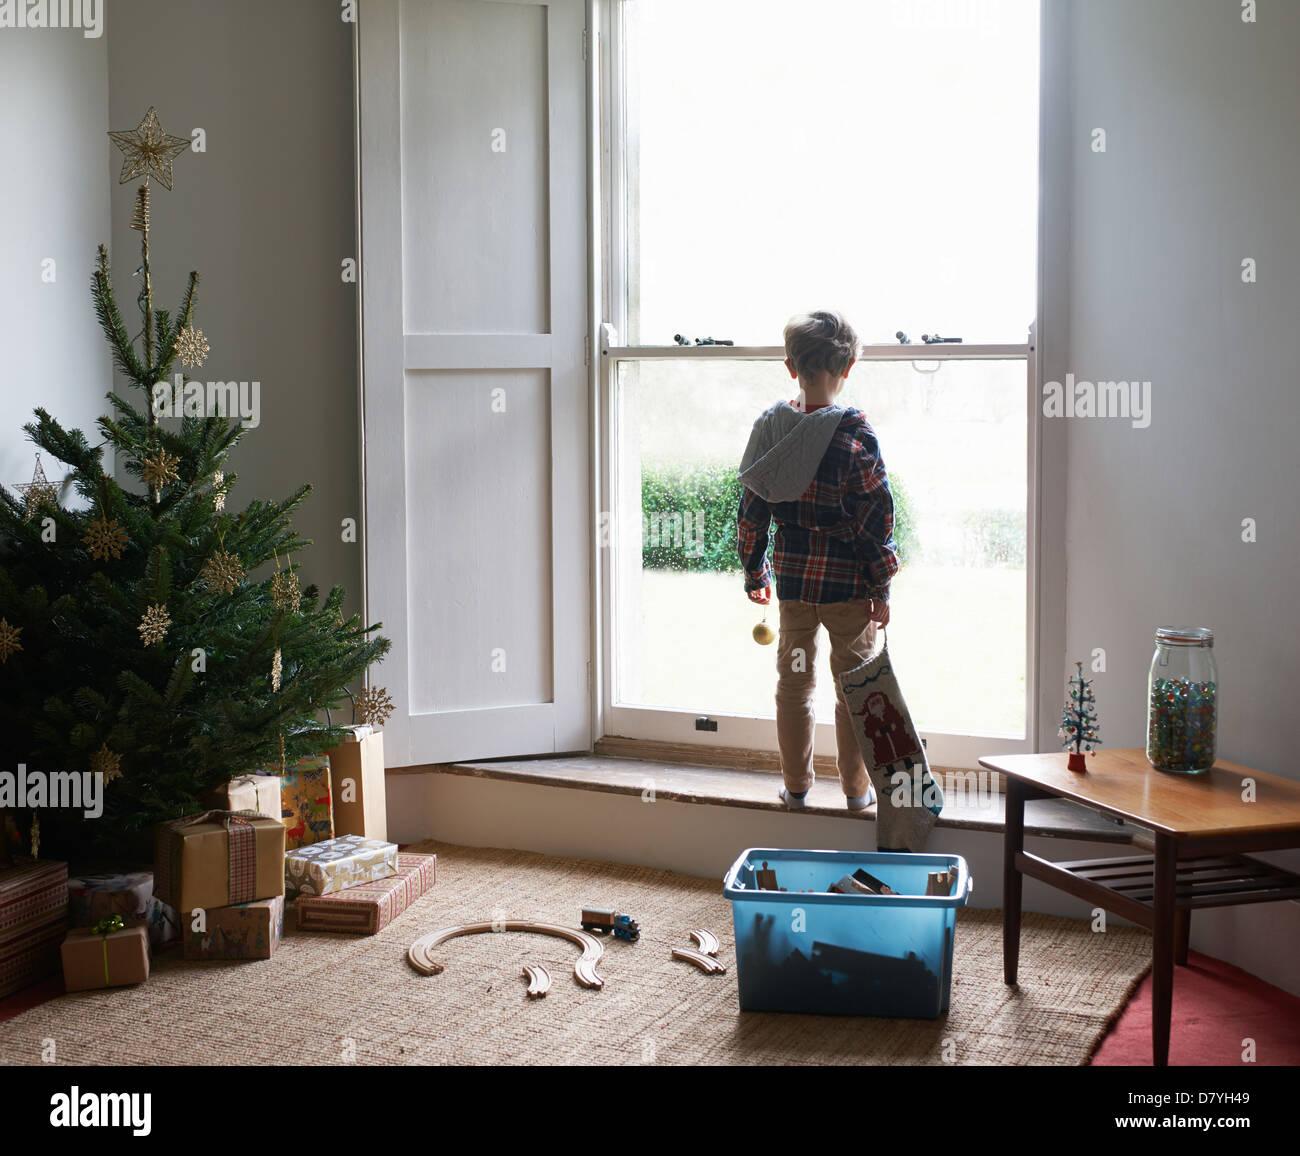 Boy holding Christmas stocking at window - Stock Image